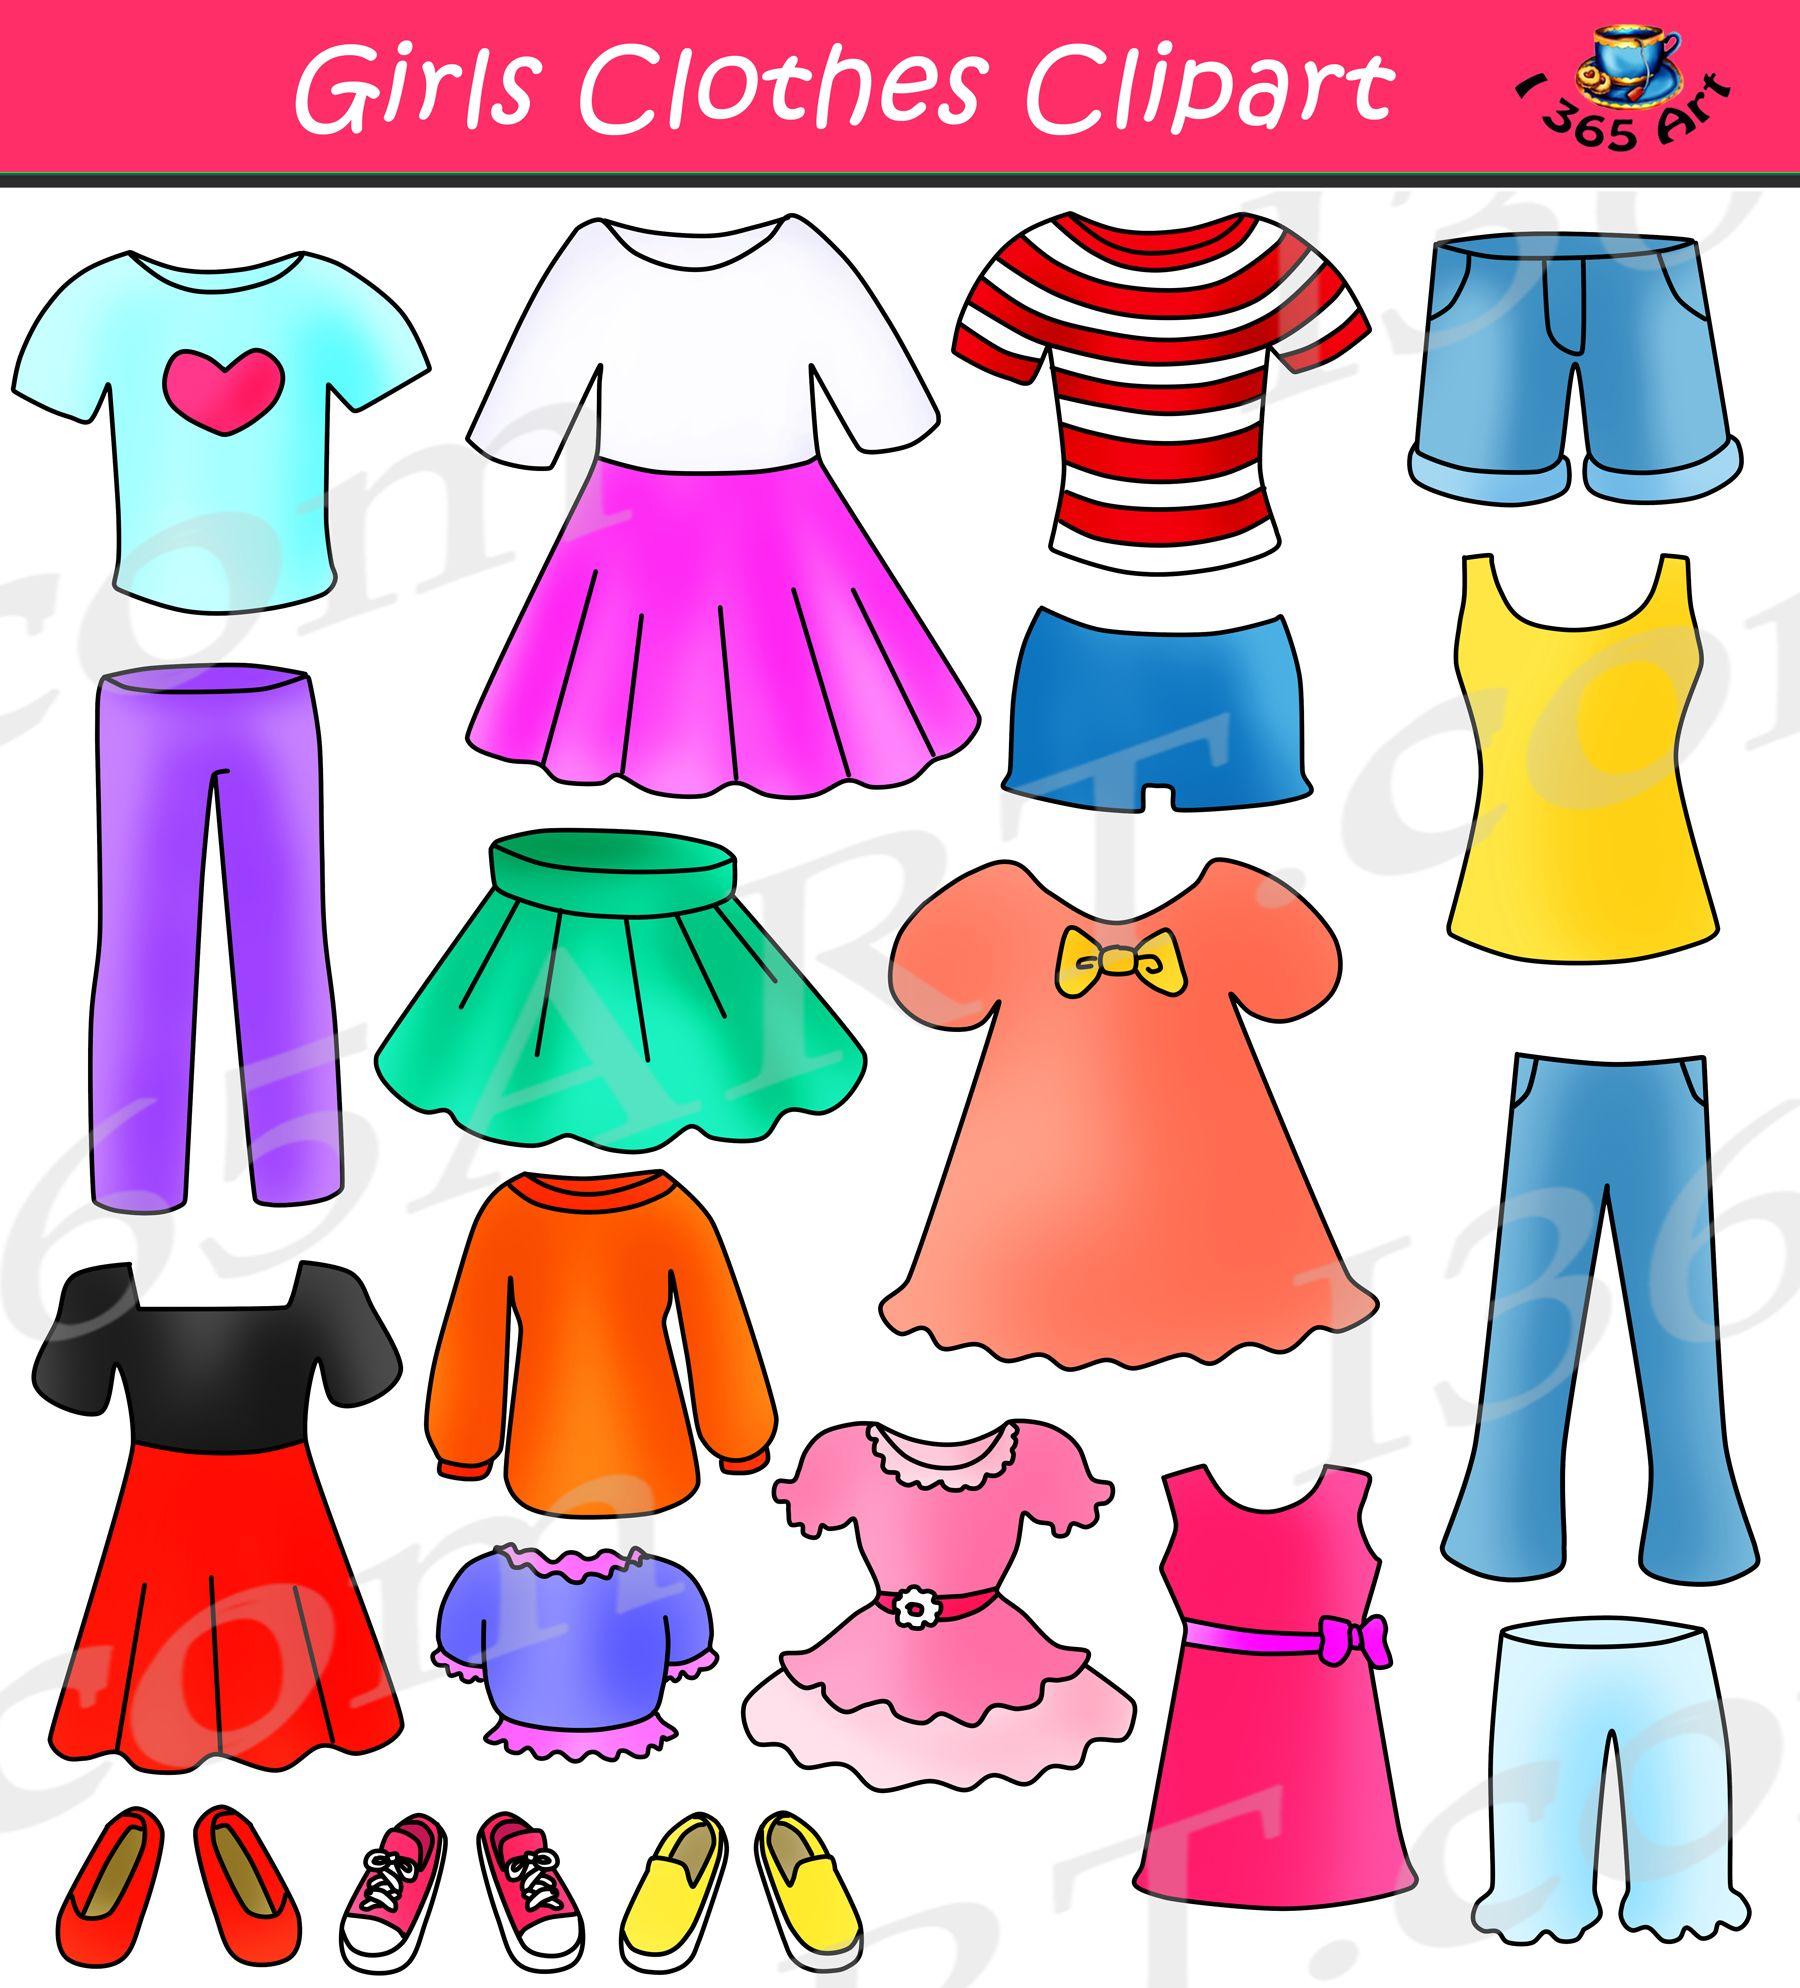 Girls Clothes Clipart Set Dress Up Clip Art